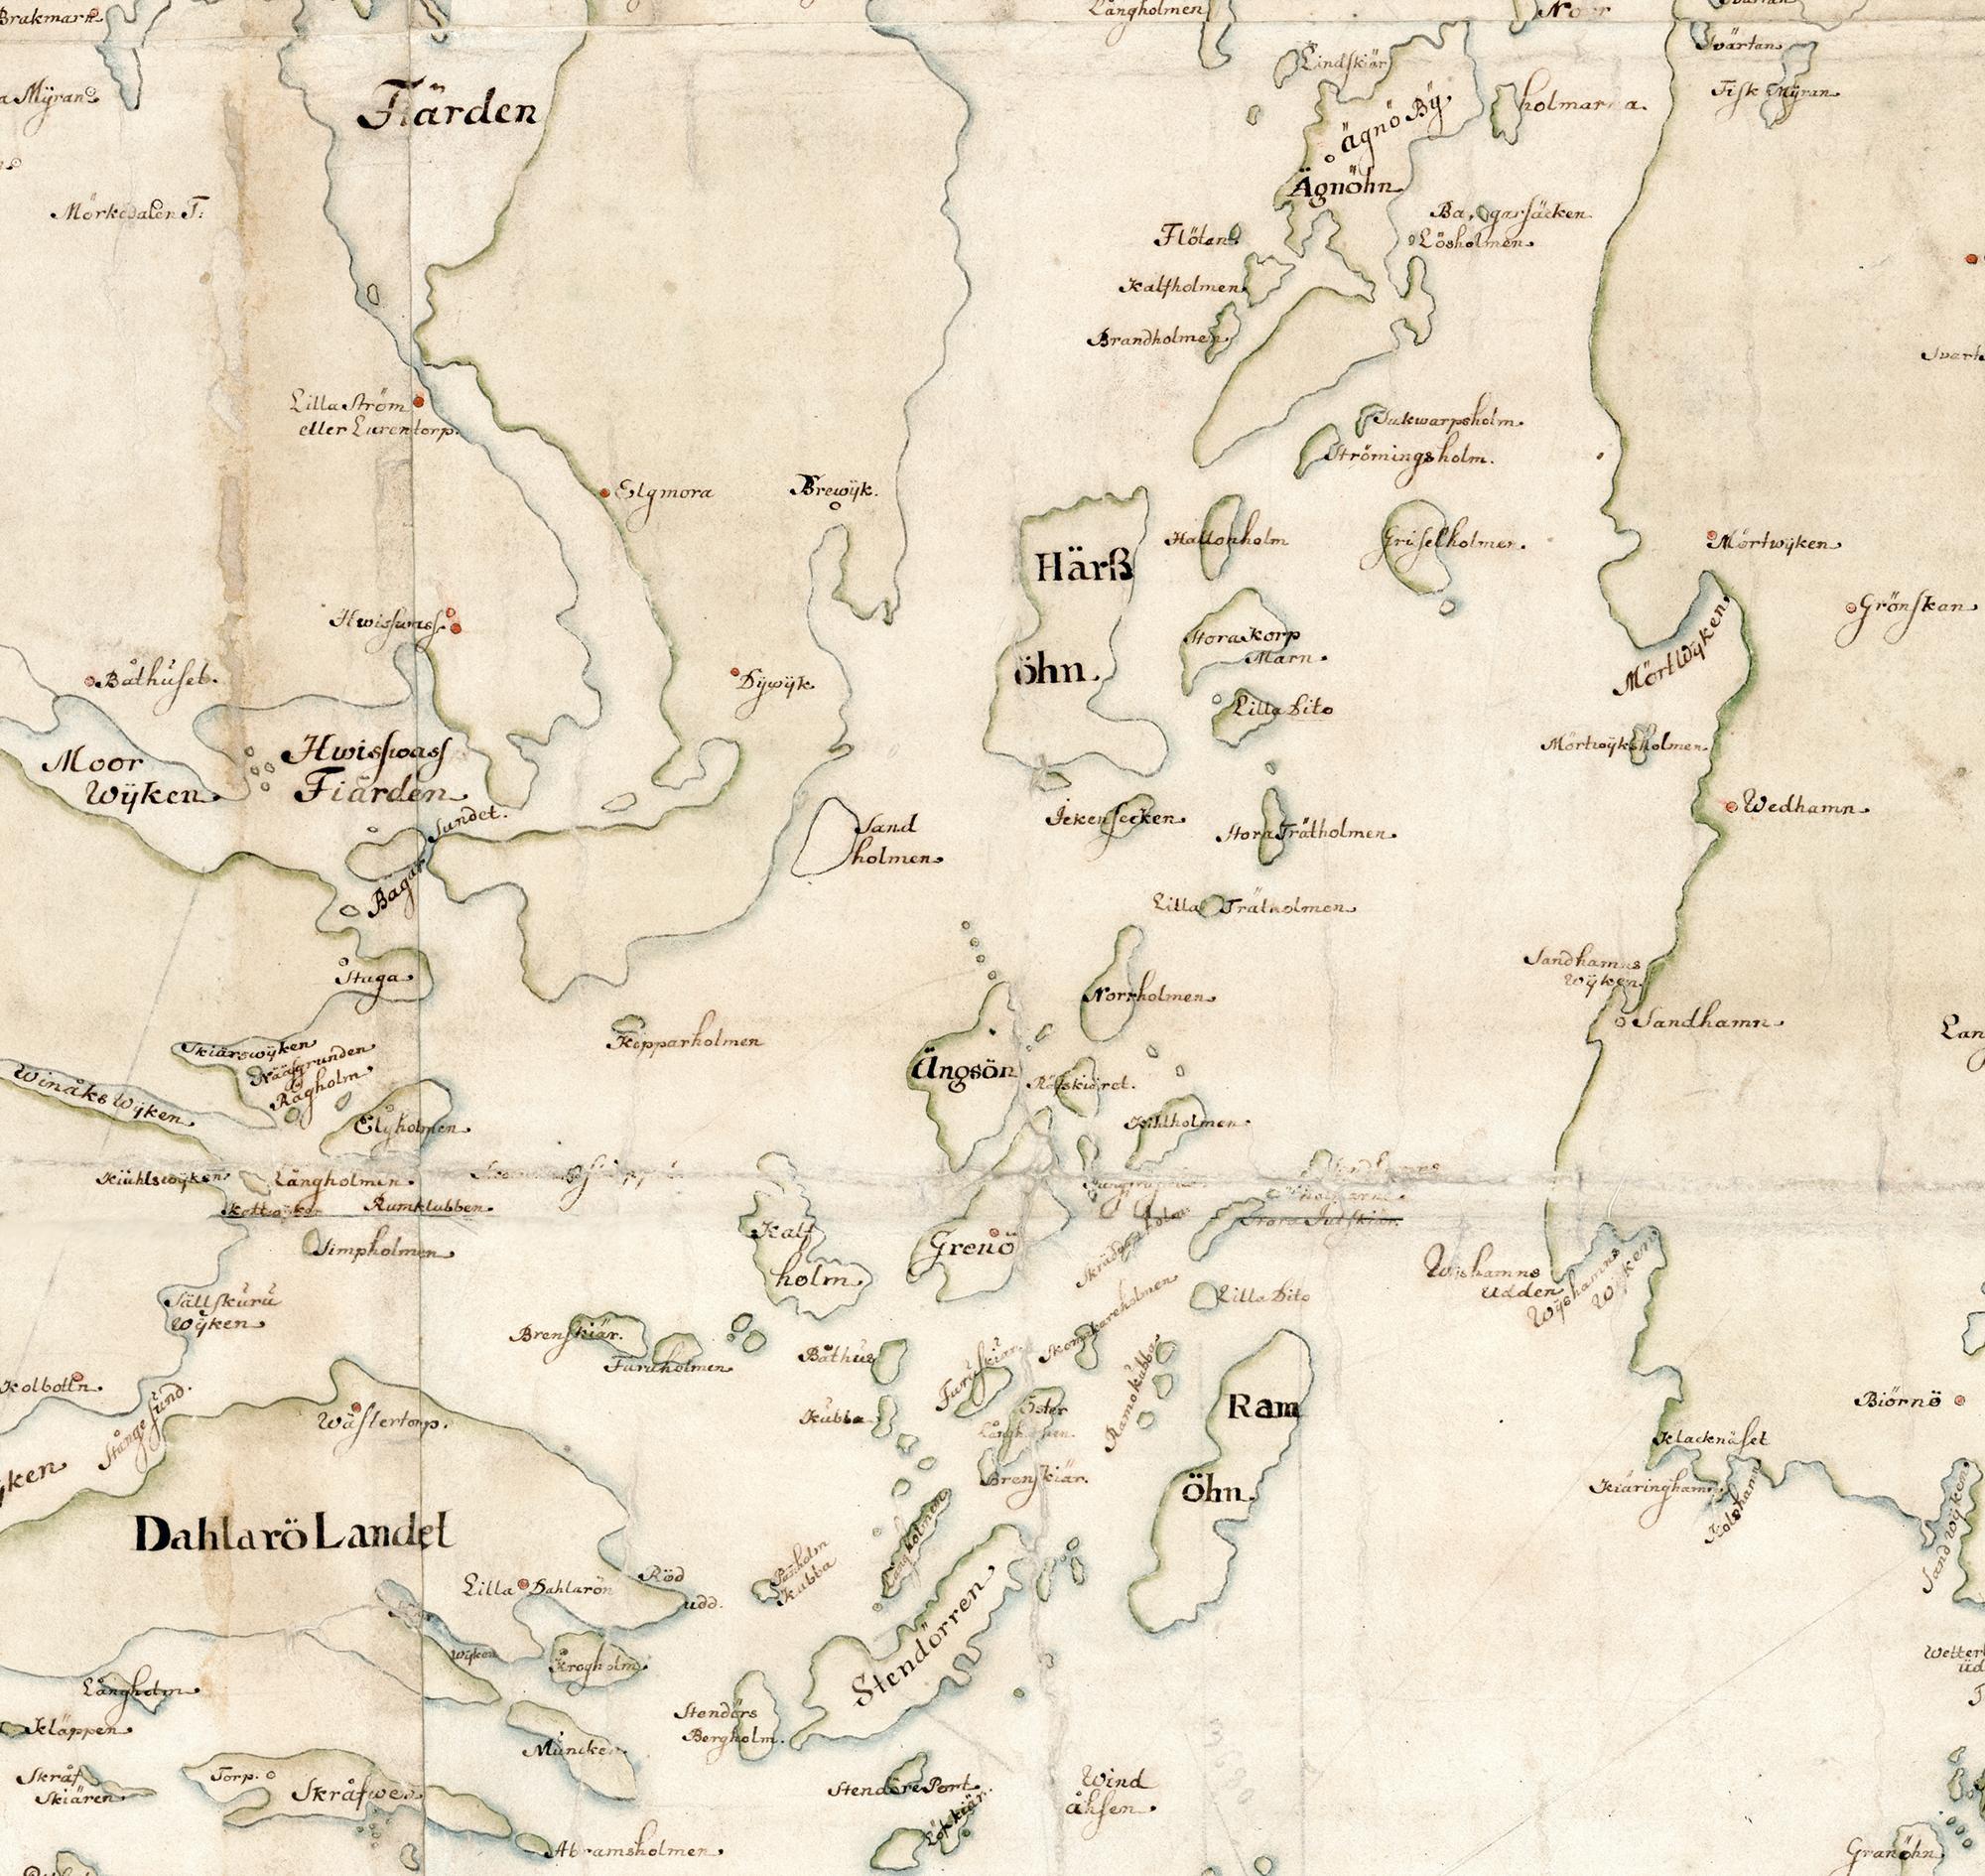 Ingaröfjärden på Carl Gripenhielms skärgårdskarta från 1690-talet. Väderstrecken är förvridna.